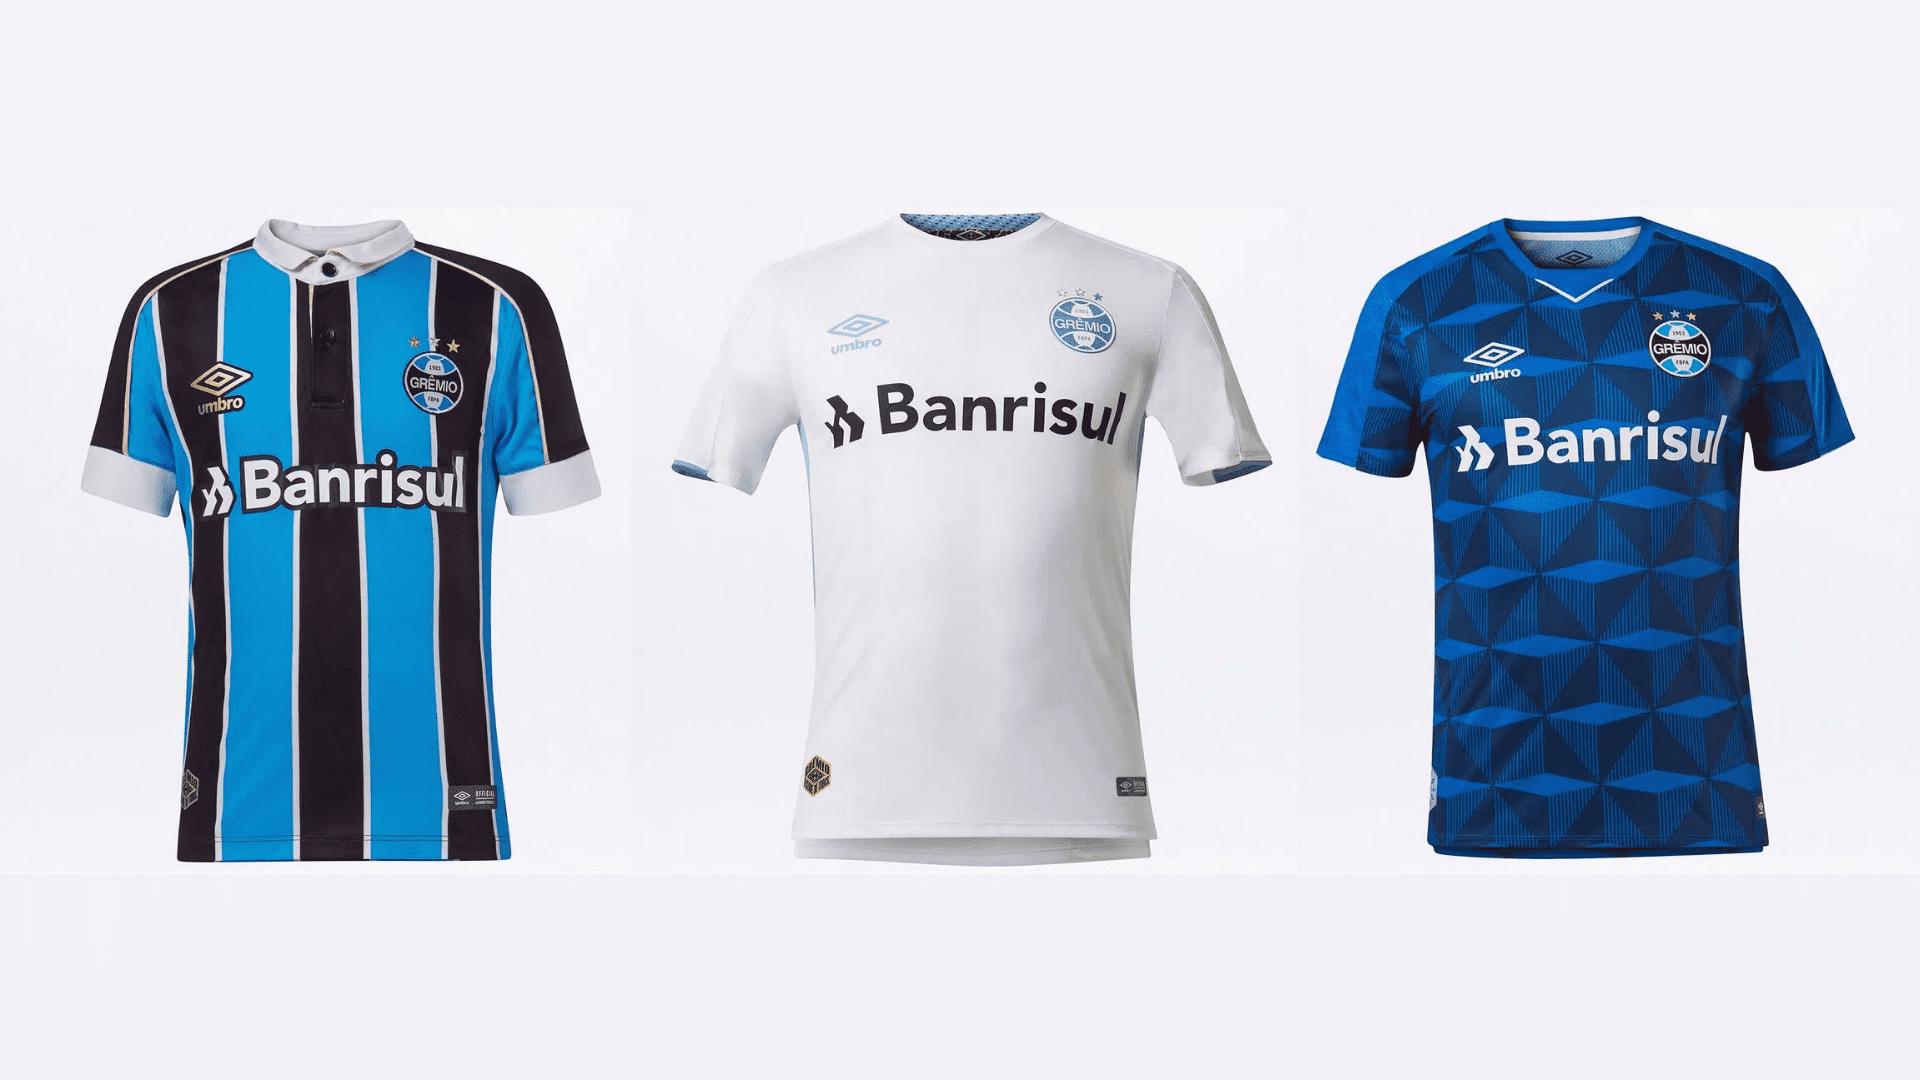 Camisa do Grêmio 2019 Umbro Jogo 1, 2 e 3 (Imagem: Divulgação/Umbro)